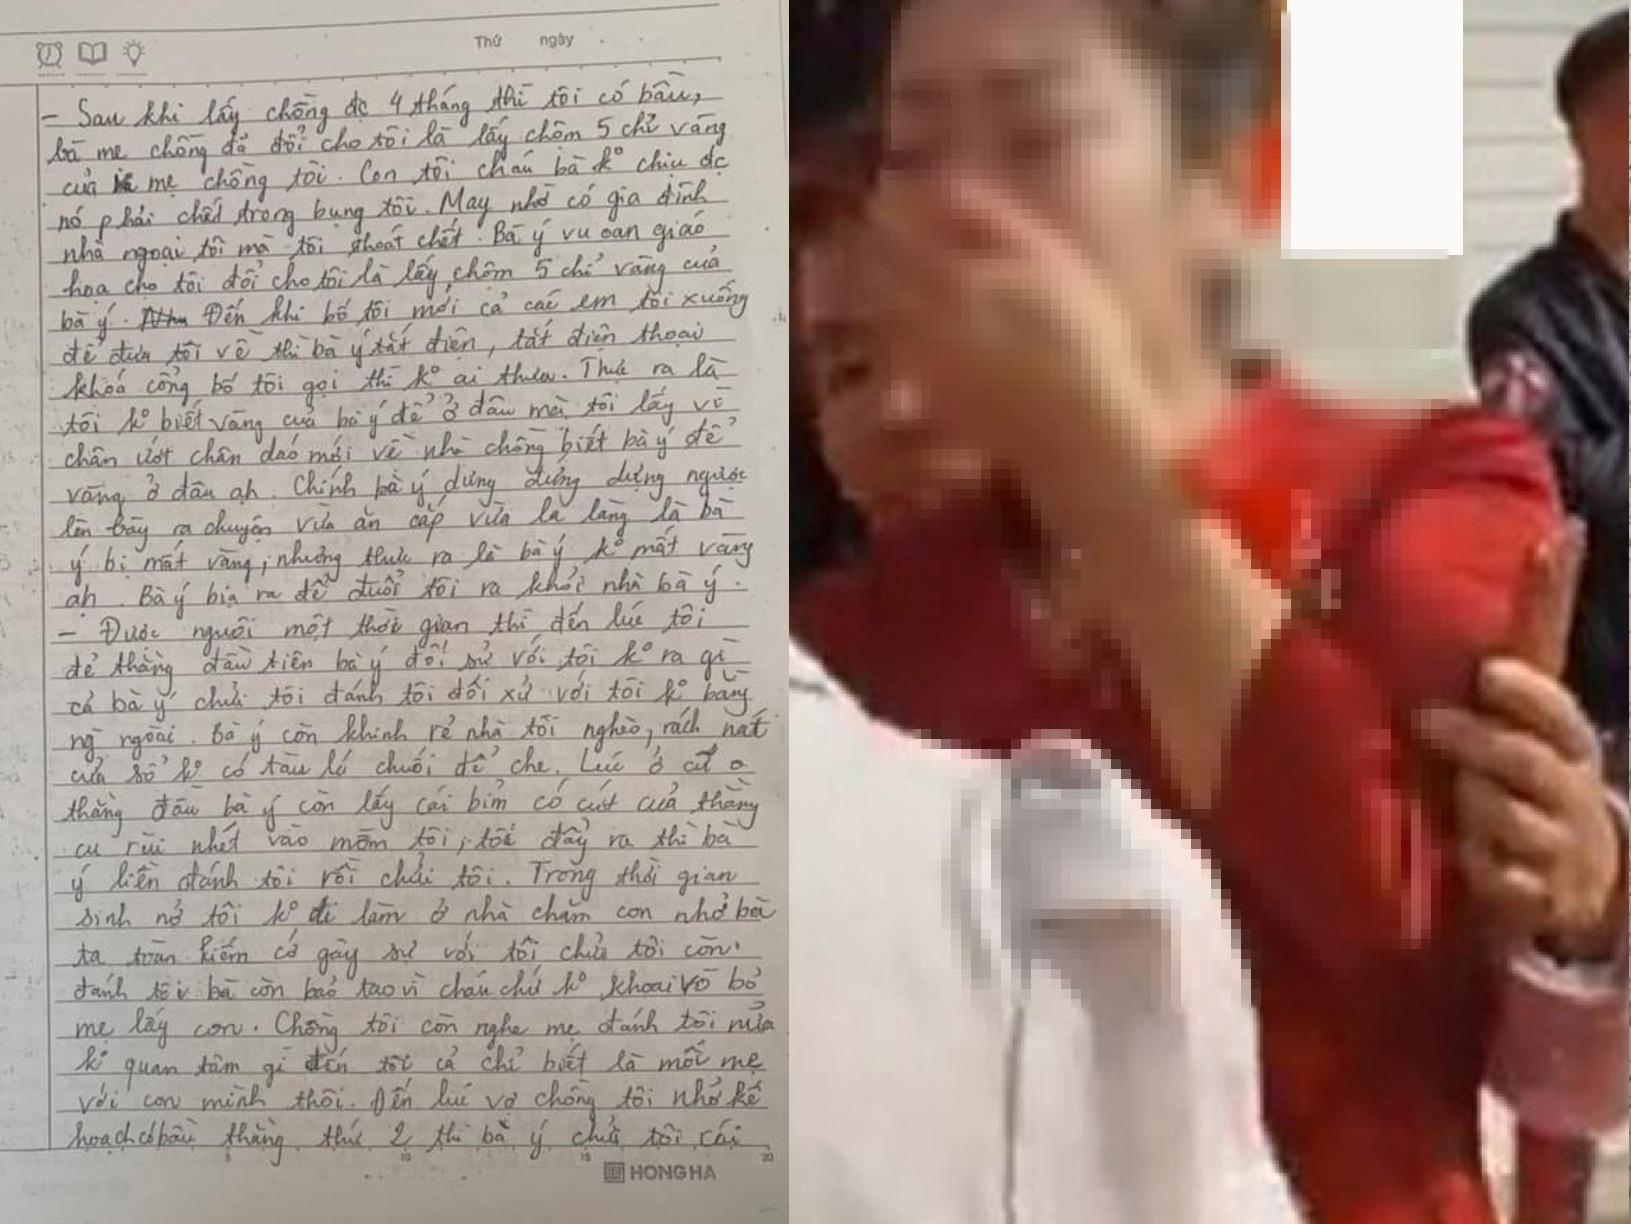 Phận làm dâu 'cơm chan nước mắt' qua tâm sự của nàng dâu Hà Nội: Tôi luôn gọi bà bằng mẹ mà bà chưa bao giờ gọi tôi 1 tiếng 'con ơi'